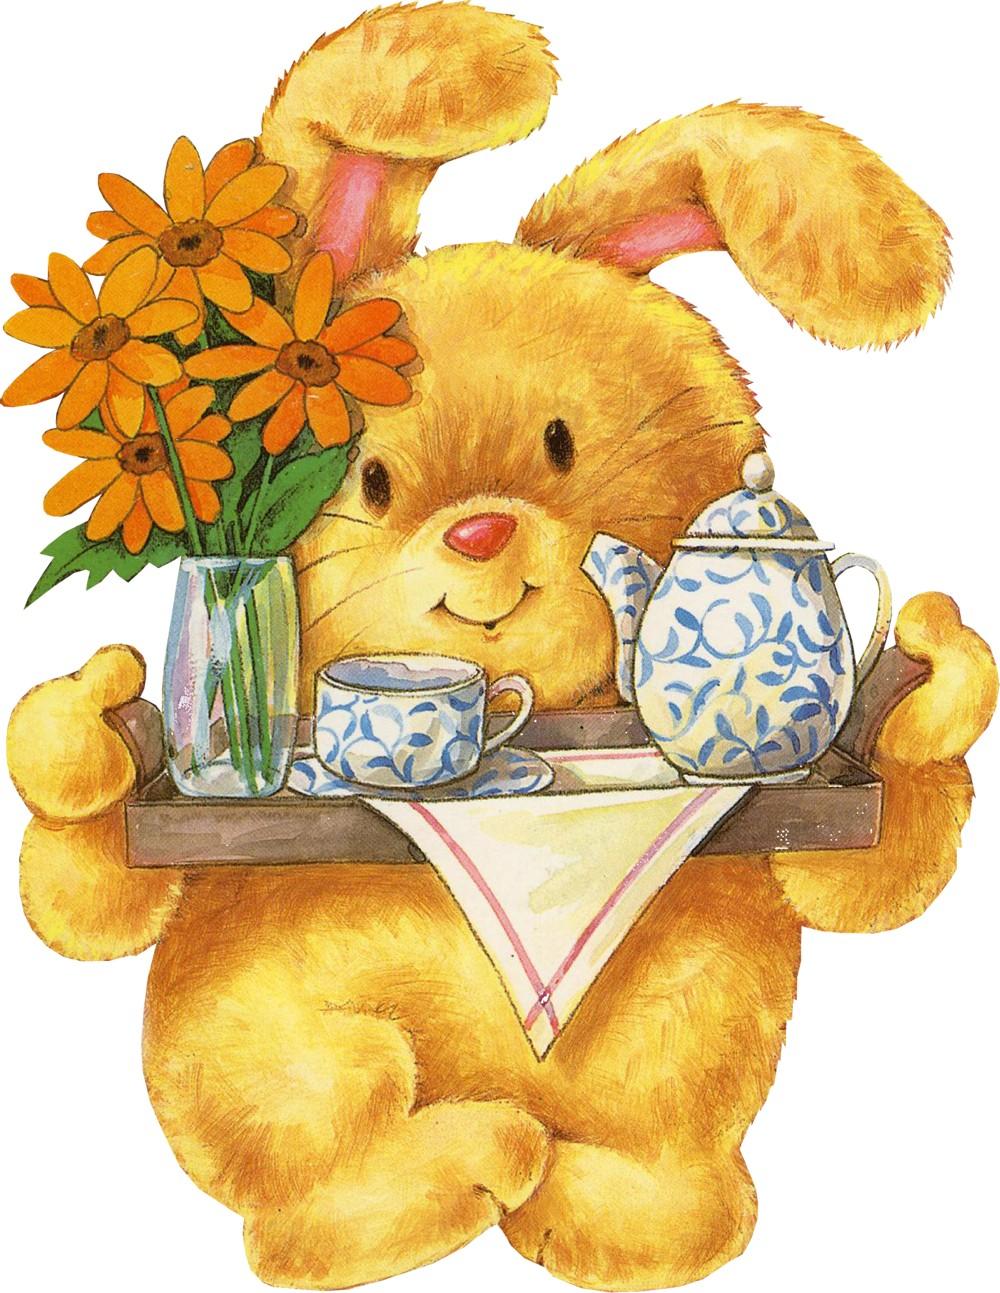 Доброго утра медвежонок - Доброе утро - Анимационные блестящие картинки GIF 3